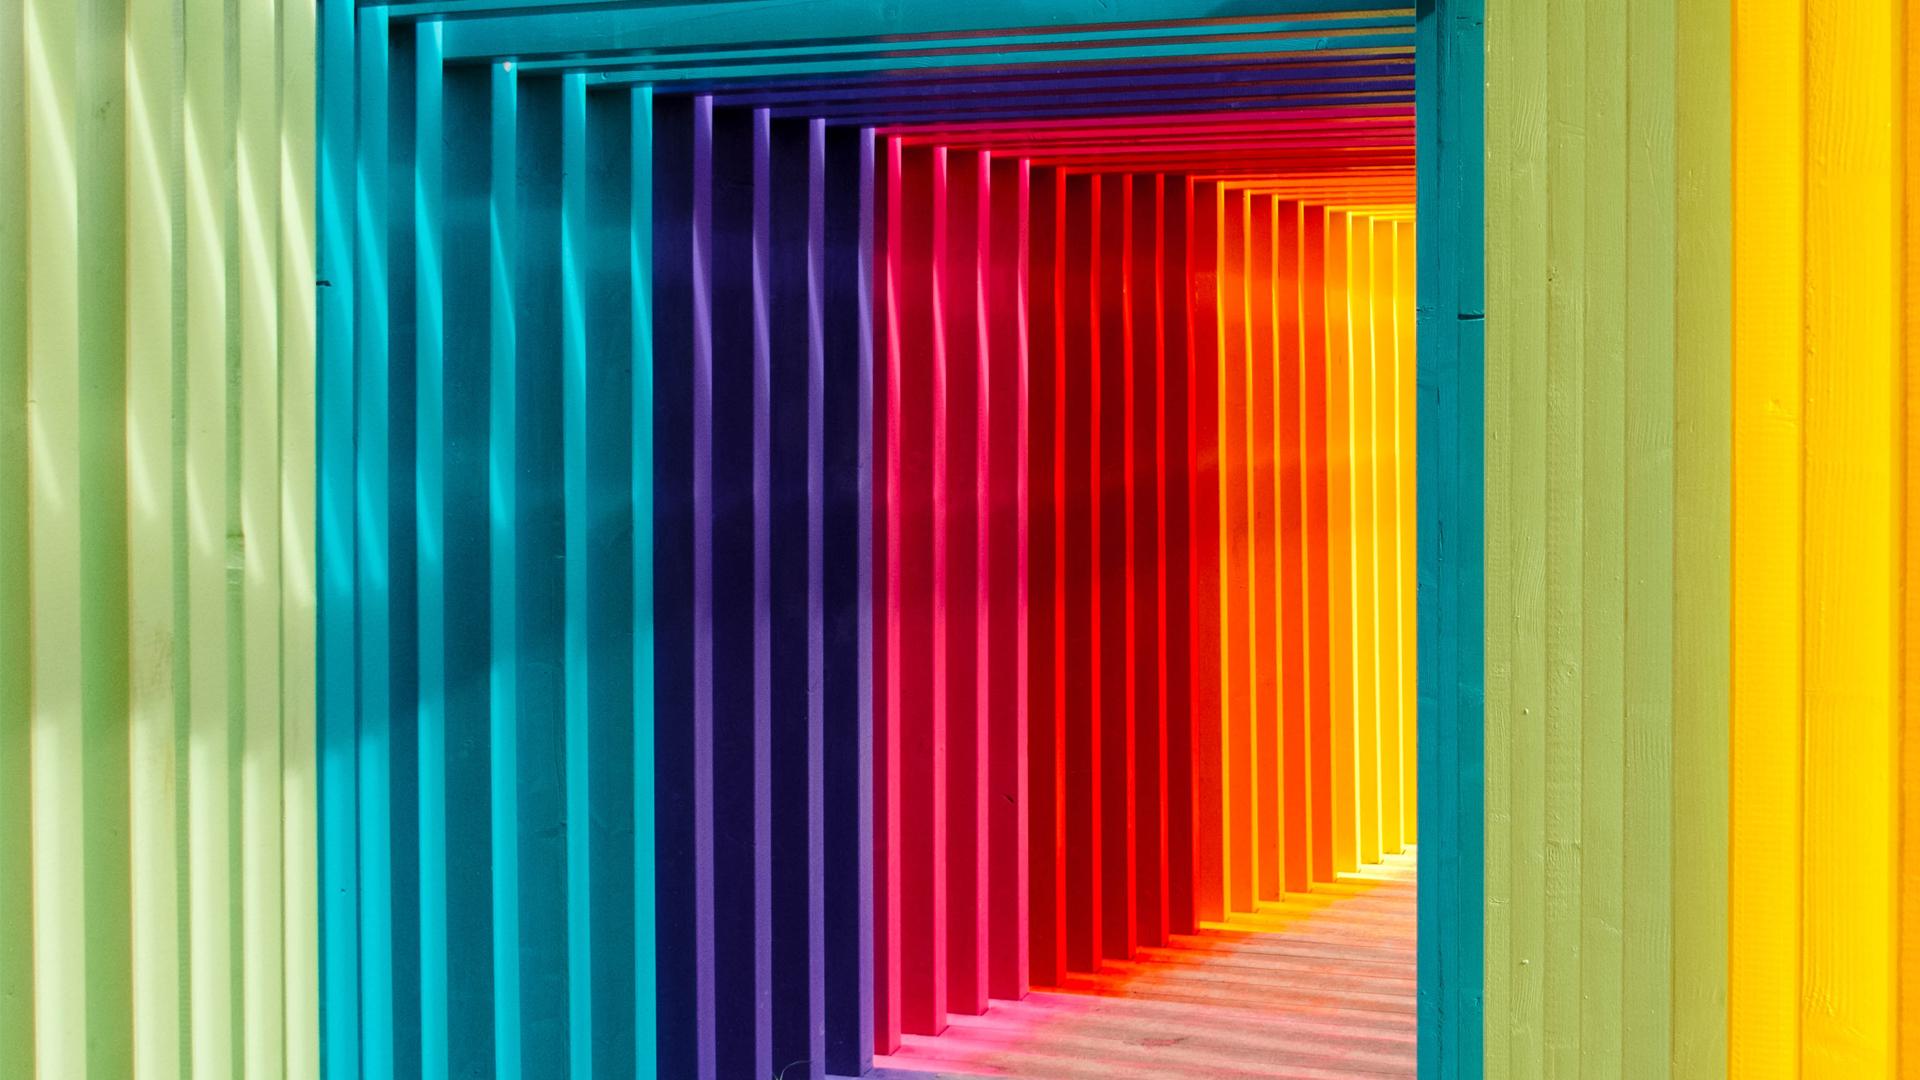 Korridor med en regnbåge av färger på väggarna.